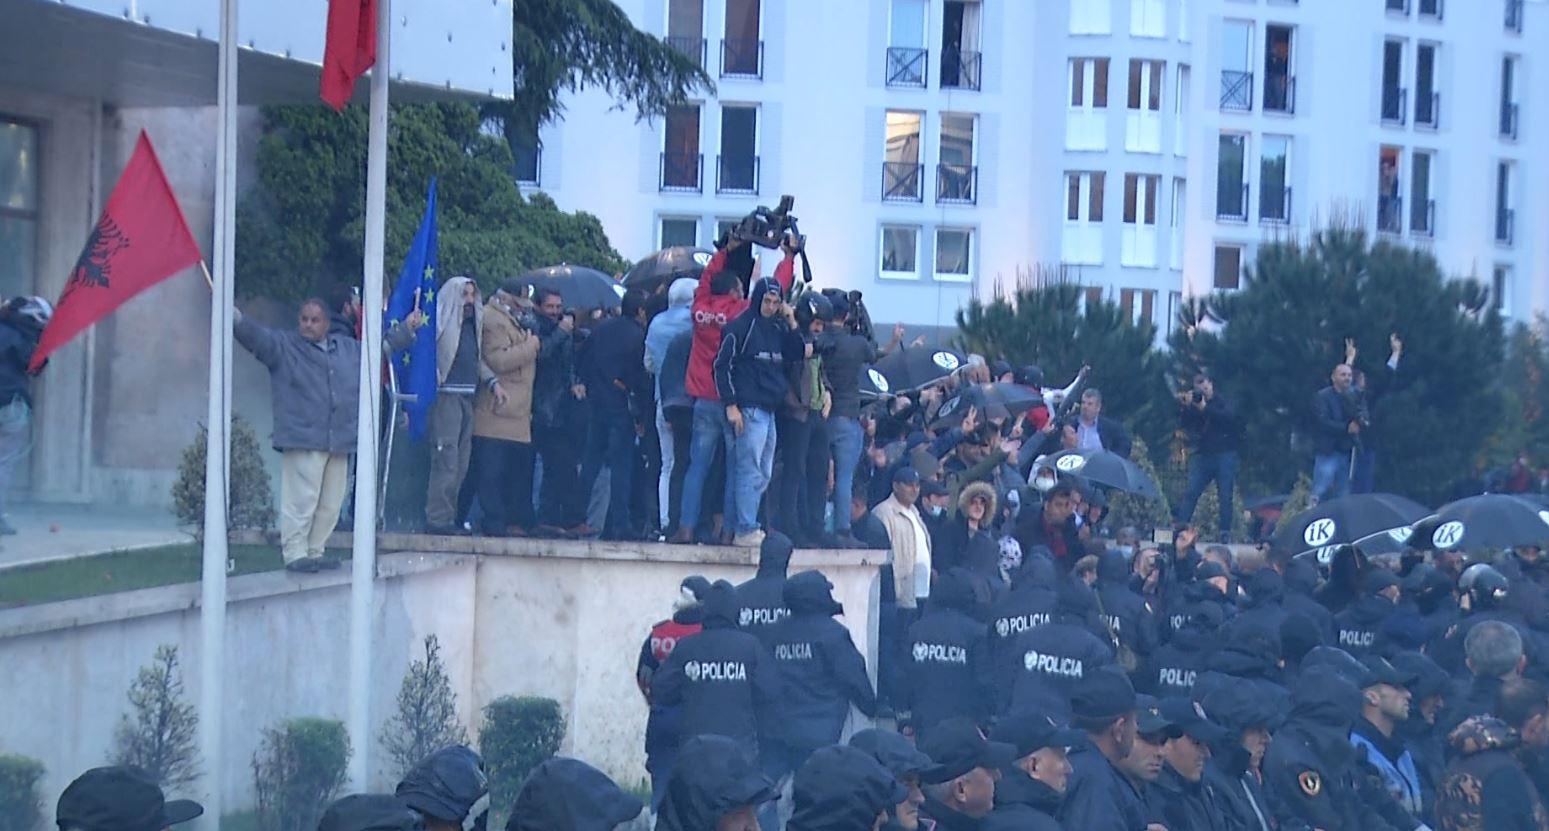 Protestuesit thyejnë kordonin e policisë